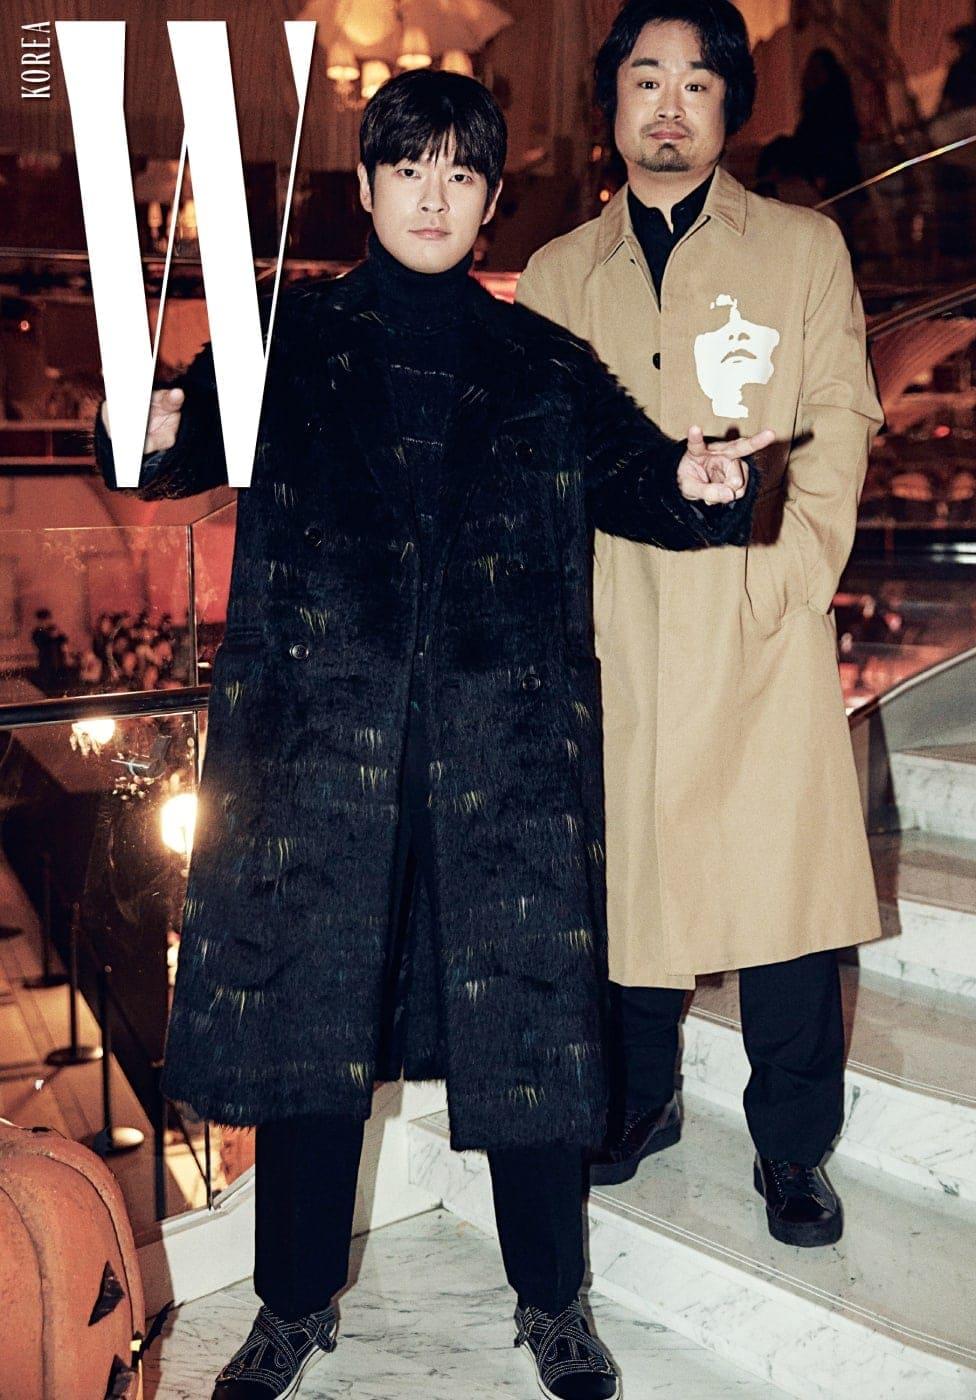 장난끼 넘치는 애티튜드와 포즈로 행사 분위기를 재미있게 이끌었던 장기하와 얼굴들의 장기하, 그리고 양평이 형으로 알려진 하세가와 요헤이. 장기하가 입은 코트와 터틀넥, 팬츠, 신발은 모두 Dior Homme 제품.